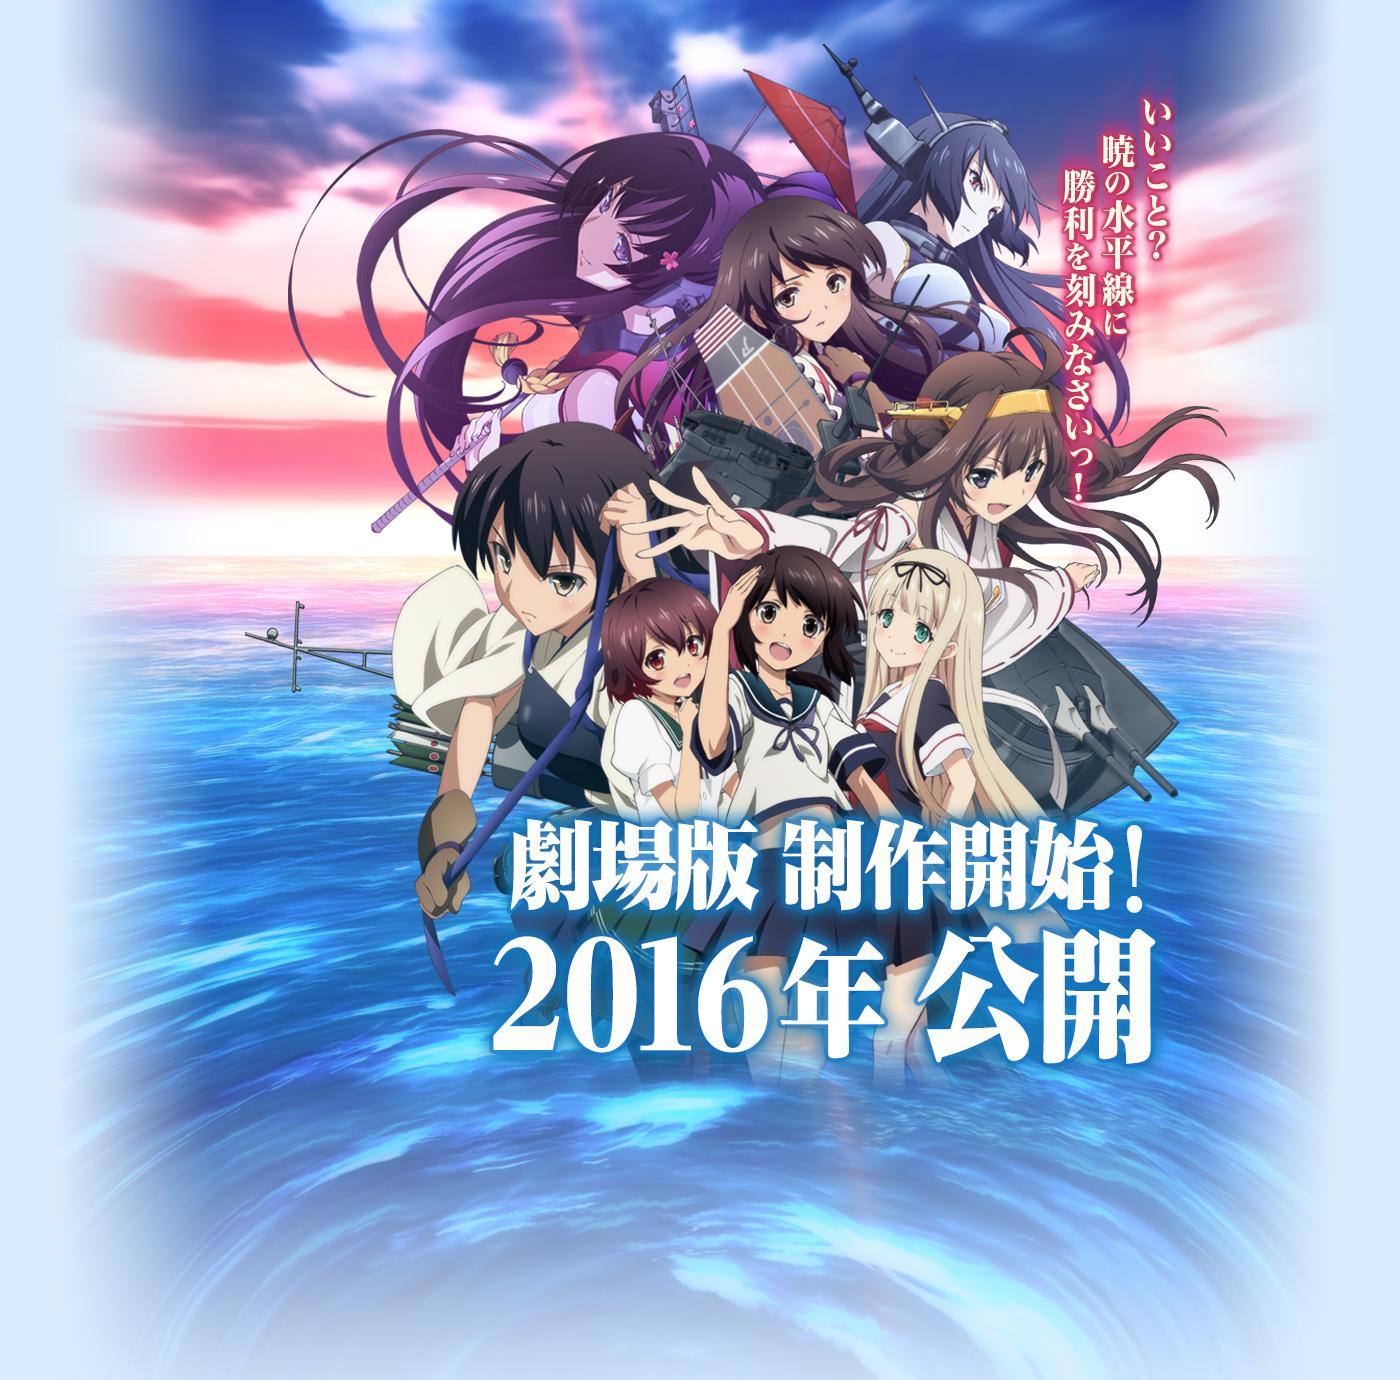 テレビアニメ 『艦これ』 2015年1月から放送決定